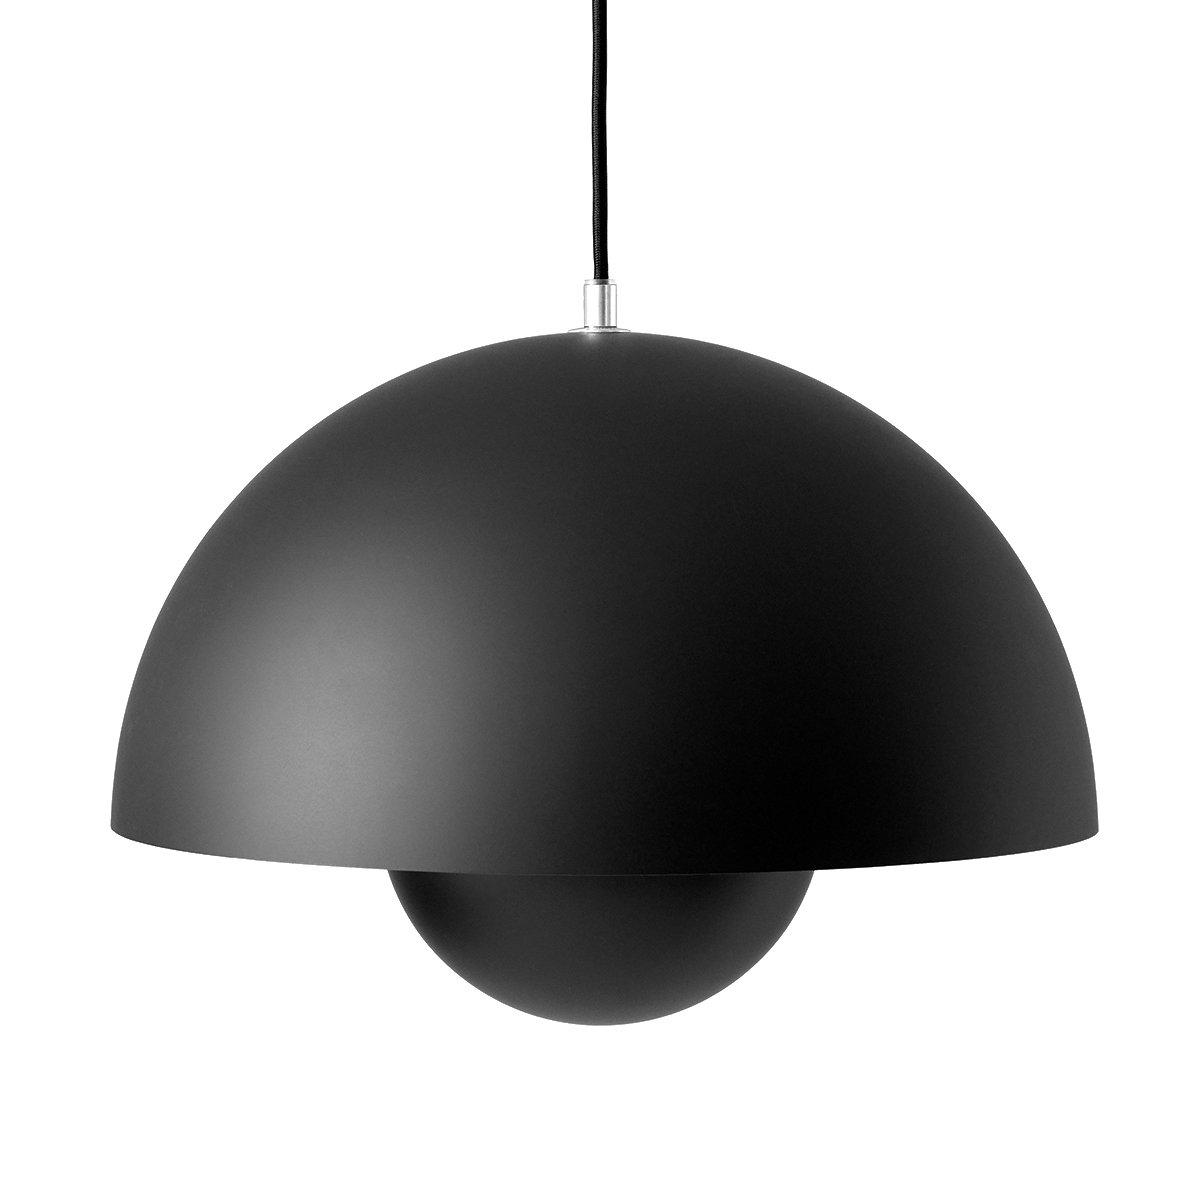 &Tradition Flowerpot VP7 Hanglamp - Mat Zwart